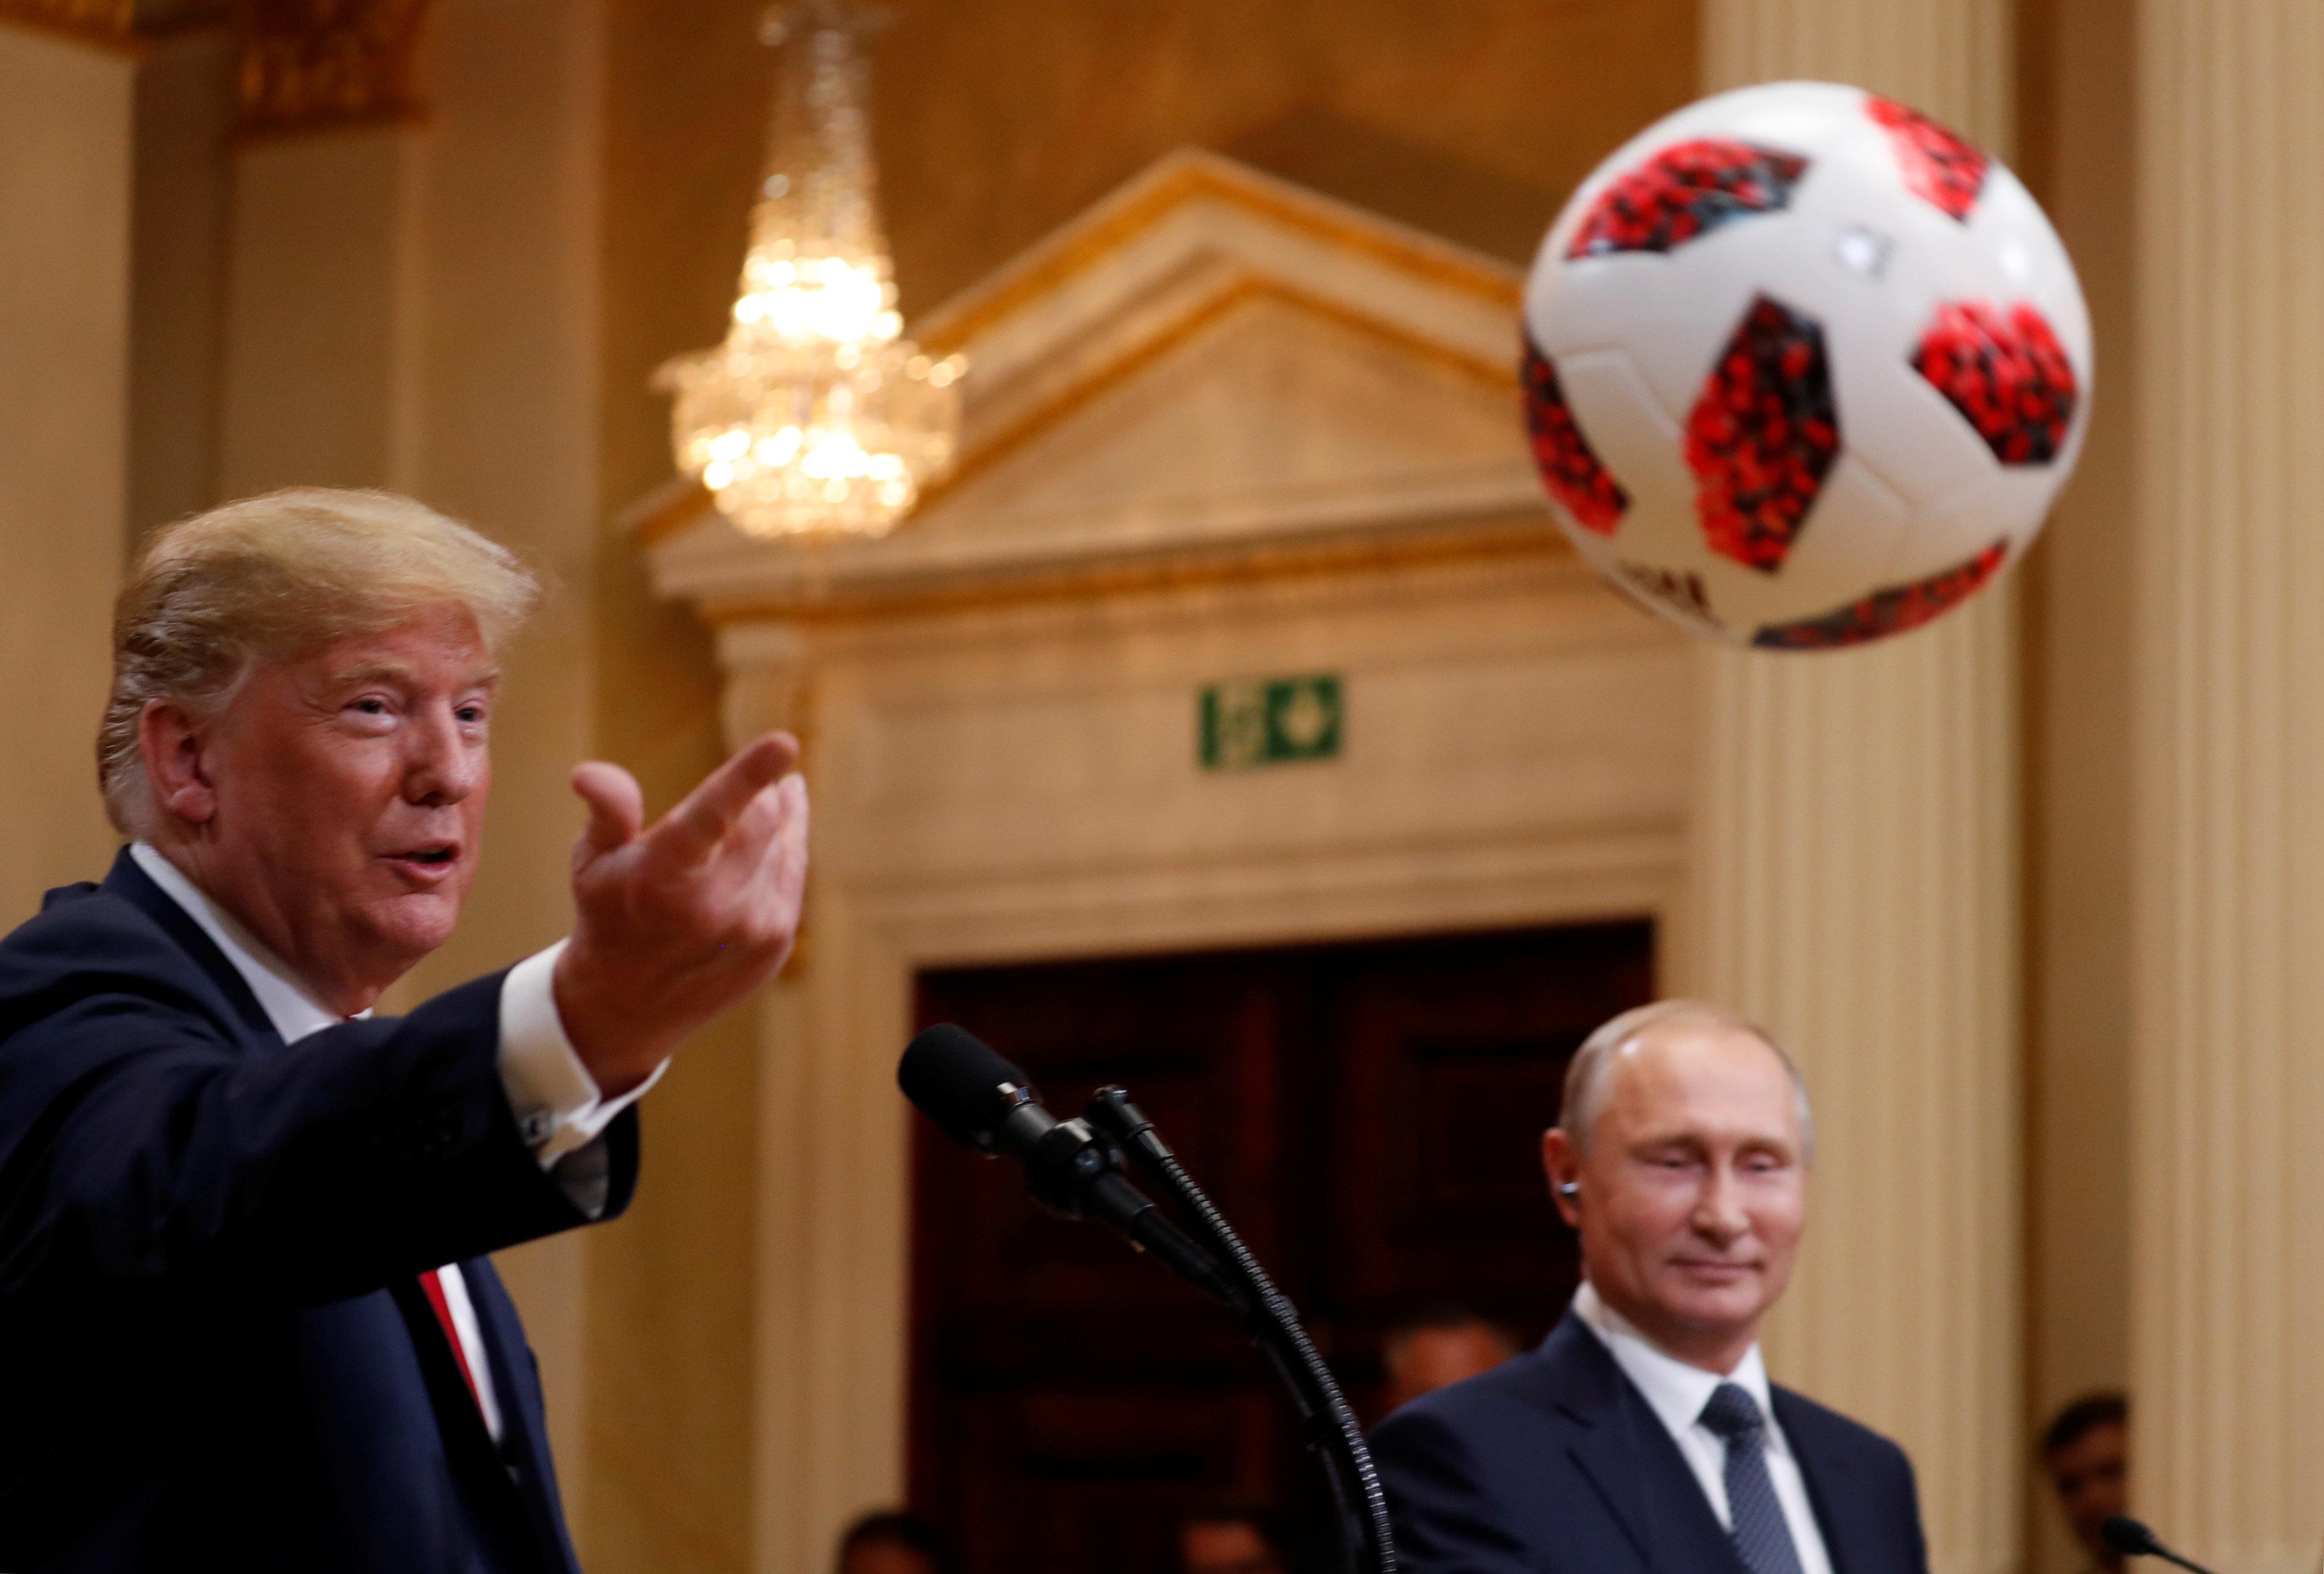 ΗΠΑ και Ρωσία: Η μόνη φωνή που ακούστηκε στο Ελσίνκι ήταν του